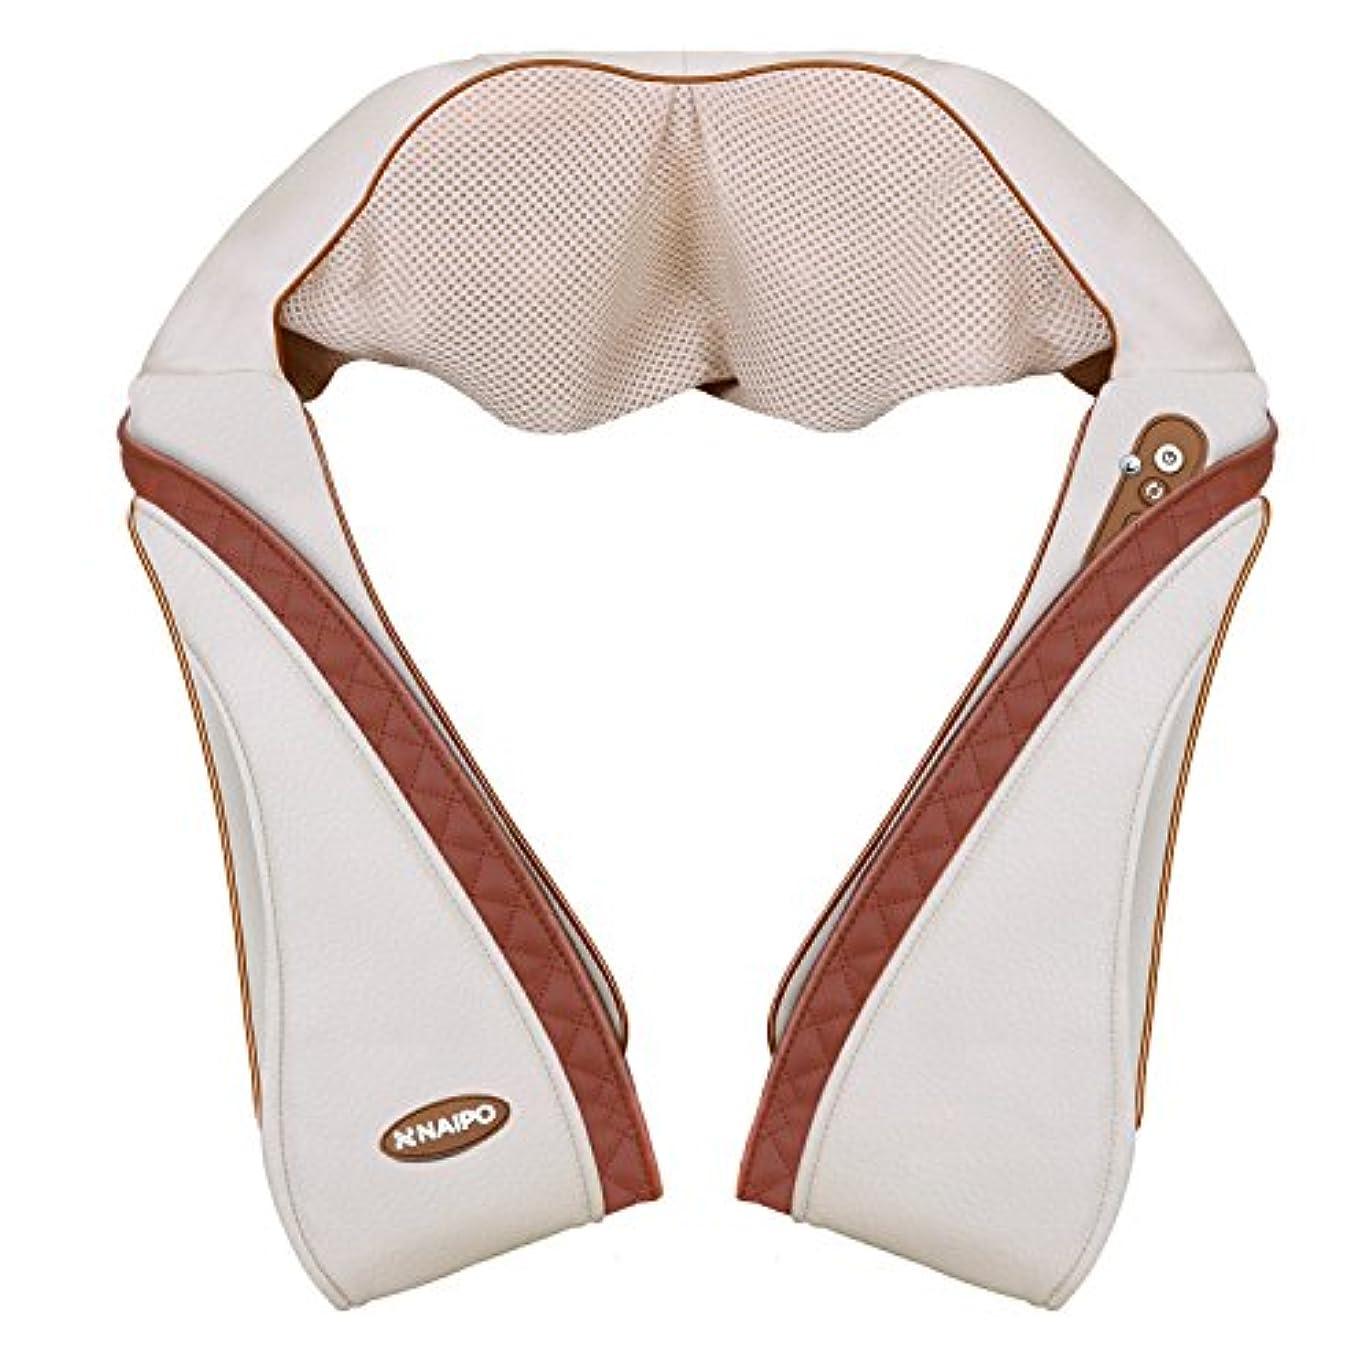 津波知っているに立ち寄る不要Naipo 首マッサージャー ネック・ショルダーマッサージ 器 ヒーター付き 首・肩・腰・背中・太もも 肩こり ストレス解消 家庭用&職場用&車用 温熱療法 (ベージュ)